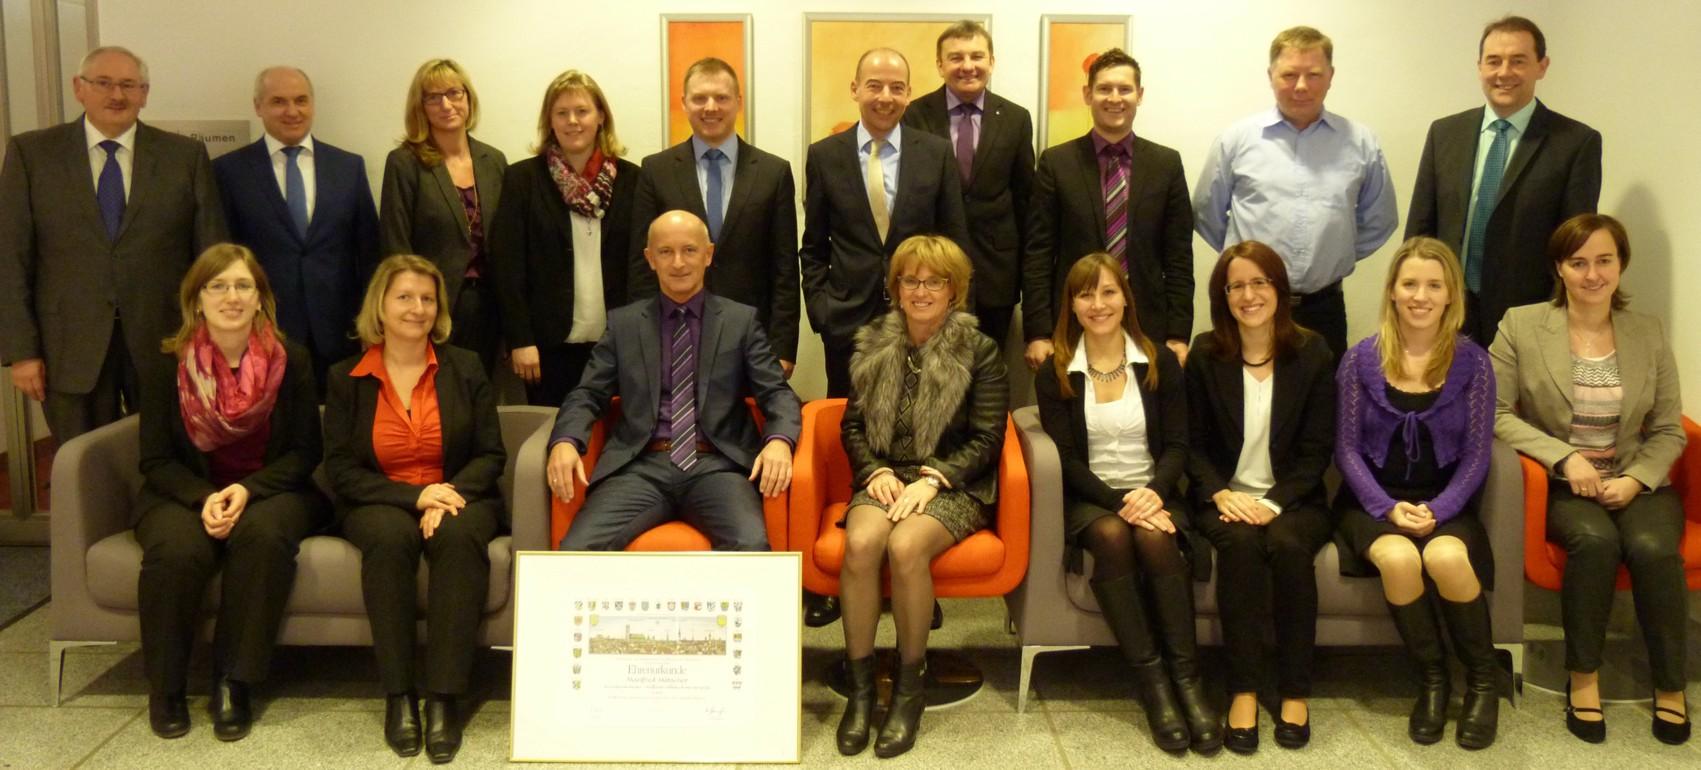 Langjährige Mitarbeiterinnen und Mitarbeiter der Raiffeisen-Volksbank Isen-Sempt eG